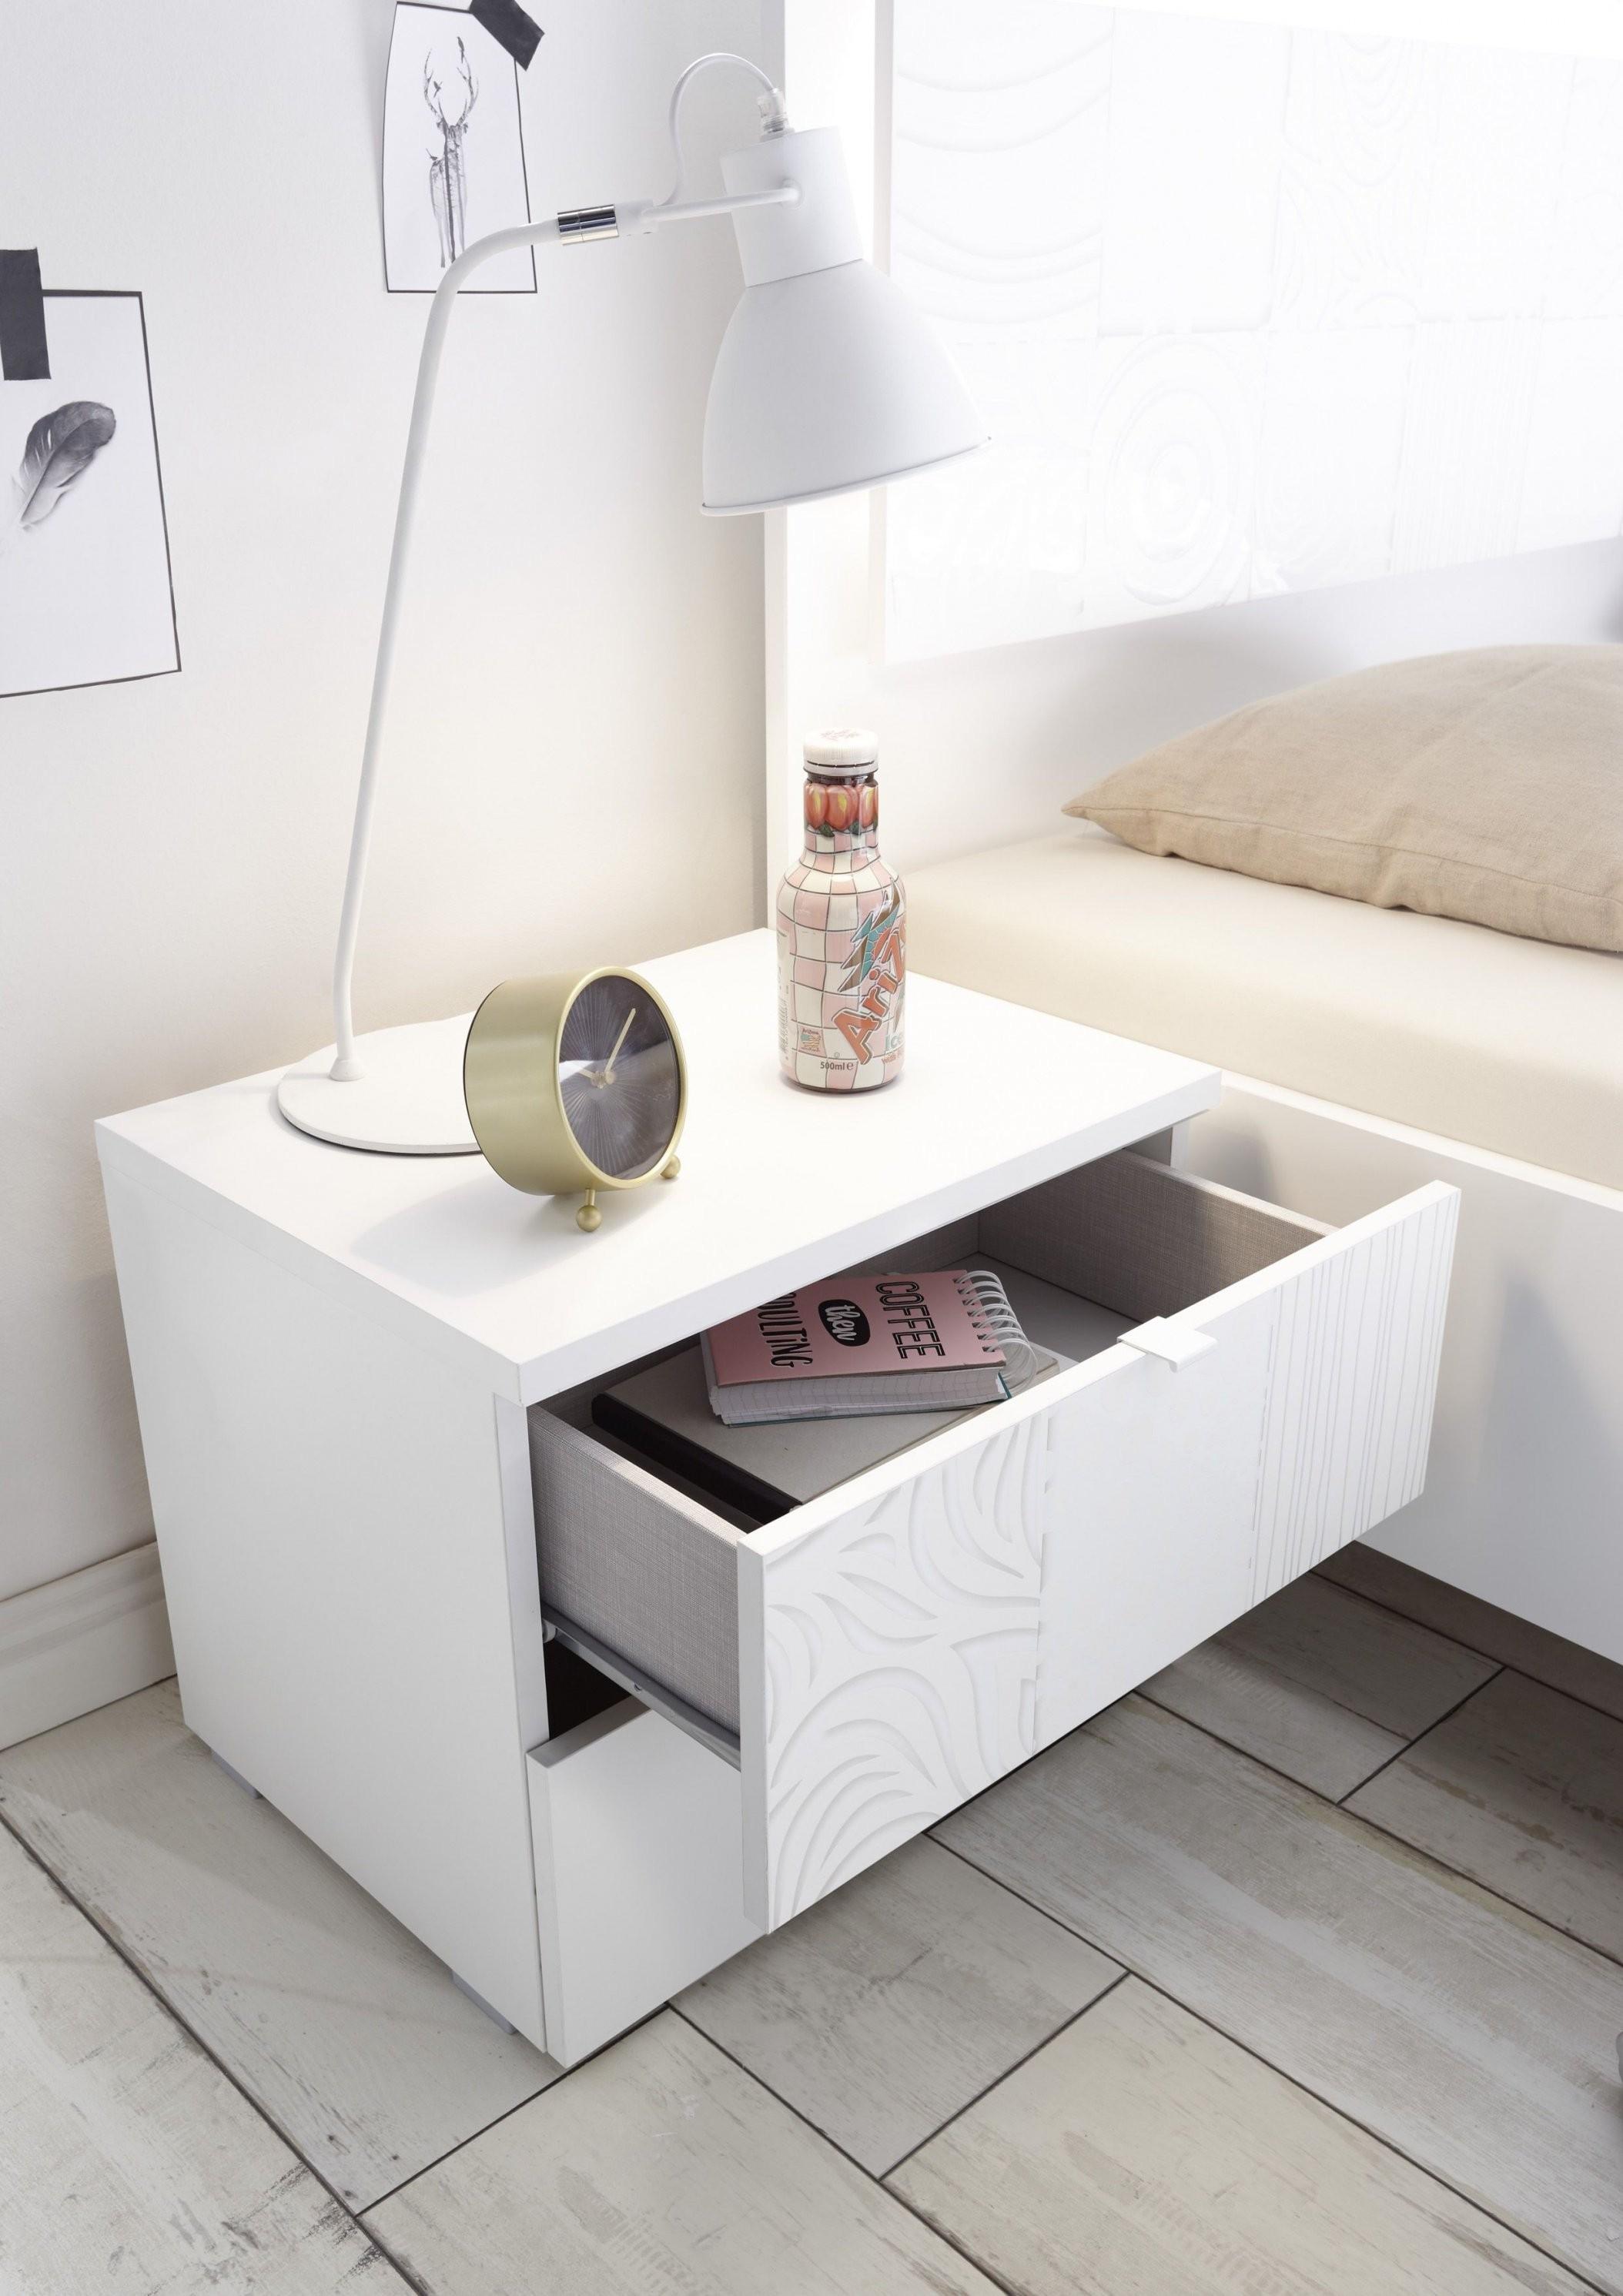 Schlafzimmer Mit Bett 180 X 200 Cm Weiss Matt Mit Siebdruck In Weiss von Bett 180X200 Weiß Hochglanz Photo